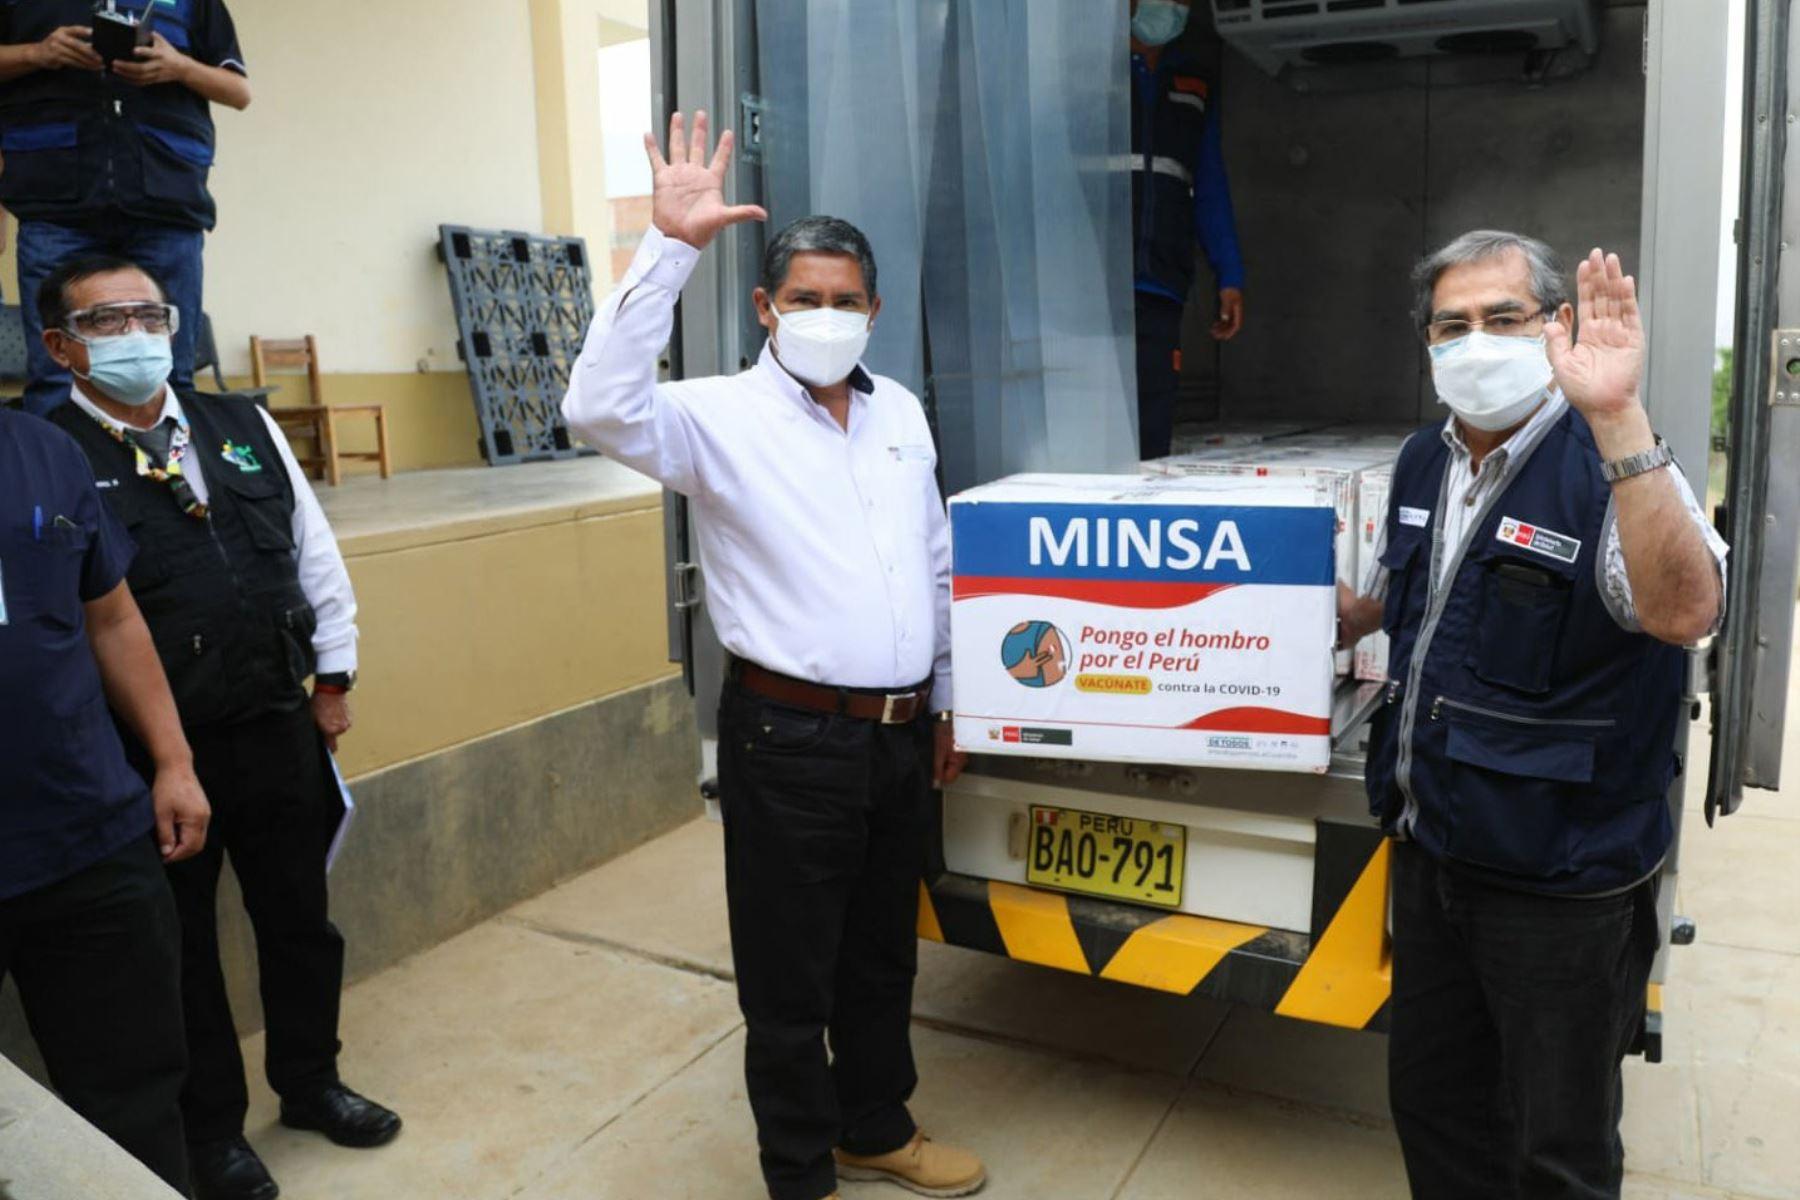 El ministro de Salud, Óscar Ugarte Ubilluz, entregó el segundo lote vacunas contra el covid-19 destinado a proteger a la primera línea de defensa sanitaria ante la pandemia. Foto: ANDINA/difusión.